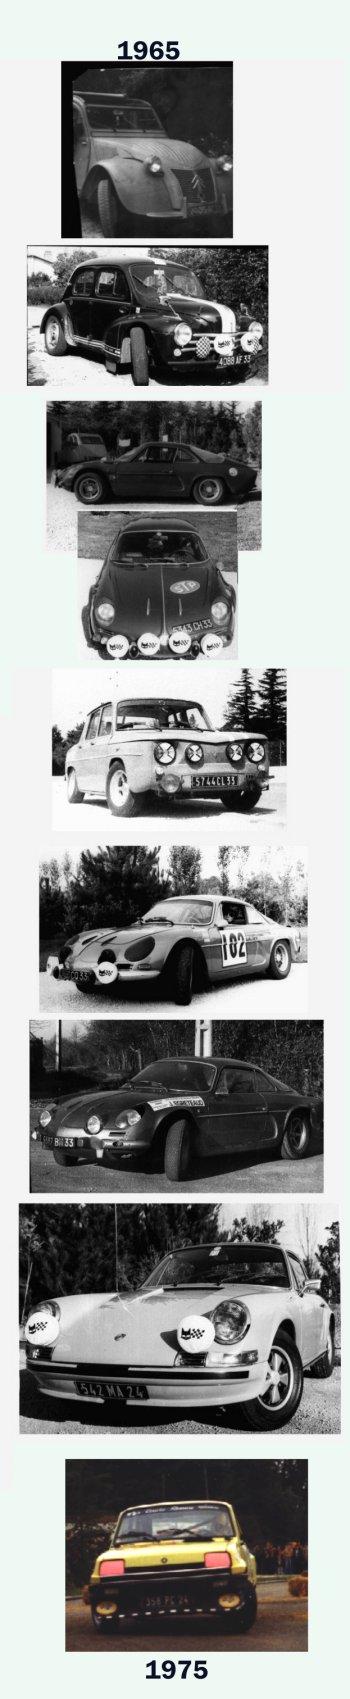 ...et à part Porsche, vous avez eu quelles autos? - Page 2 Carz_111